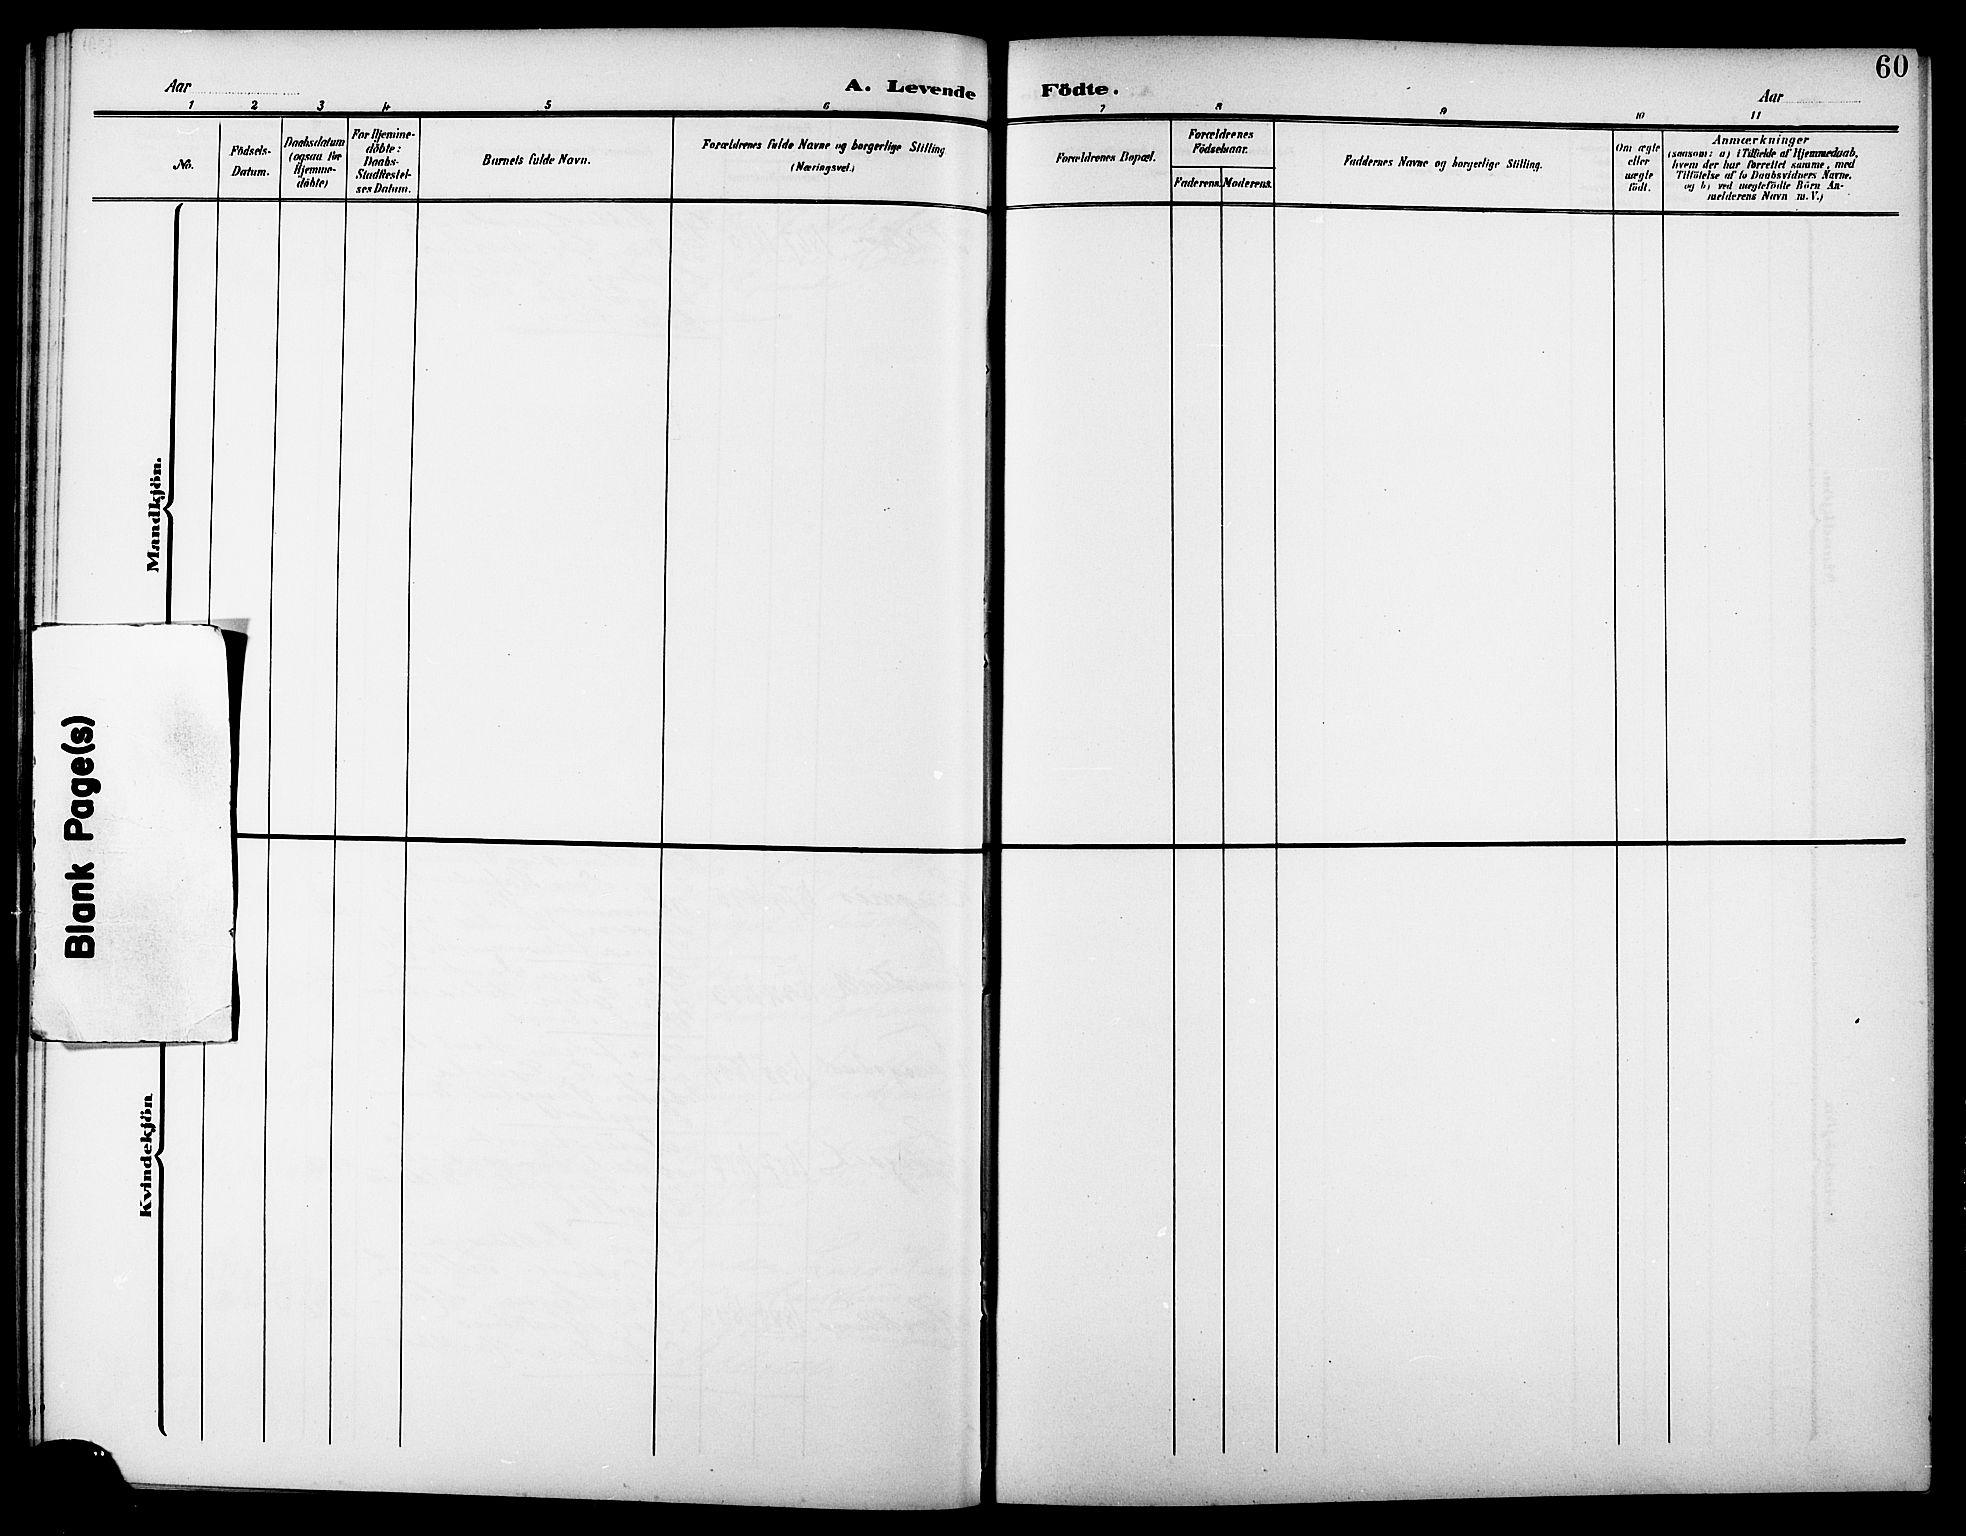 SAT, Ministerialprotokoller, klokkerbøker og fødselsregistre - Nord-Trøndelag, 744/L0424: Klokkerbok nr. 744C03, 1906-1923, s. 60